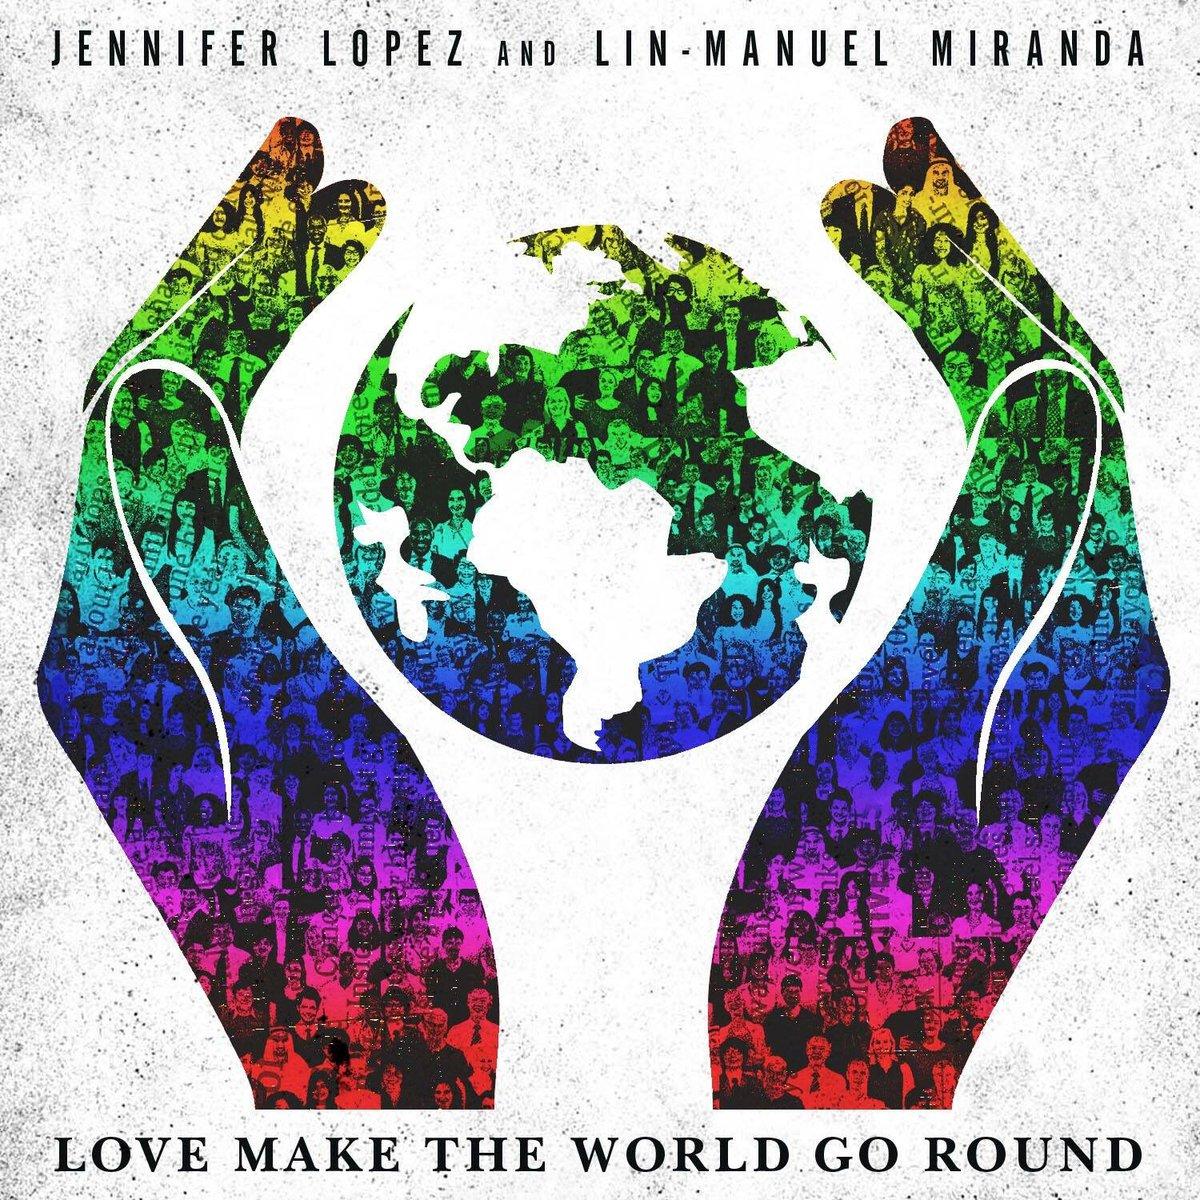 #LoveMakeTheWorldGoRound Available TONIGHT (9pm PDT/ 12am EDT) on @itunes  #SomosOrlando @JLo @Lin_Manuel ❤️